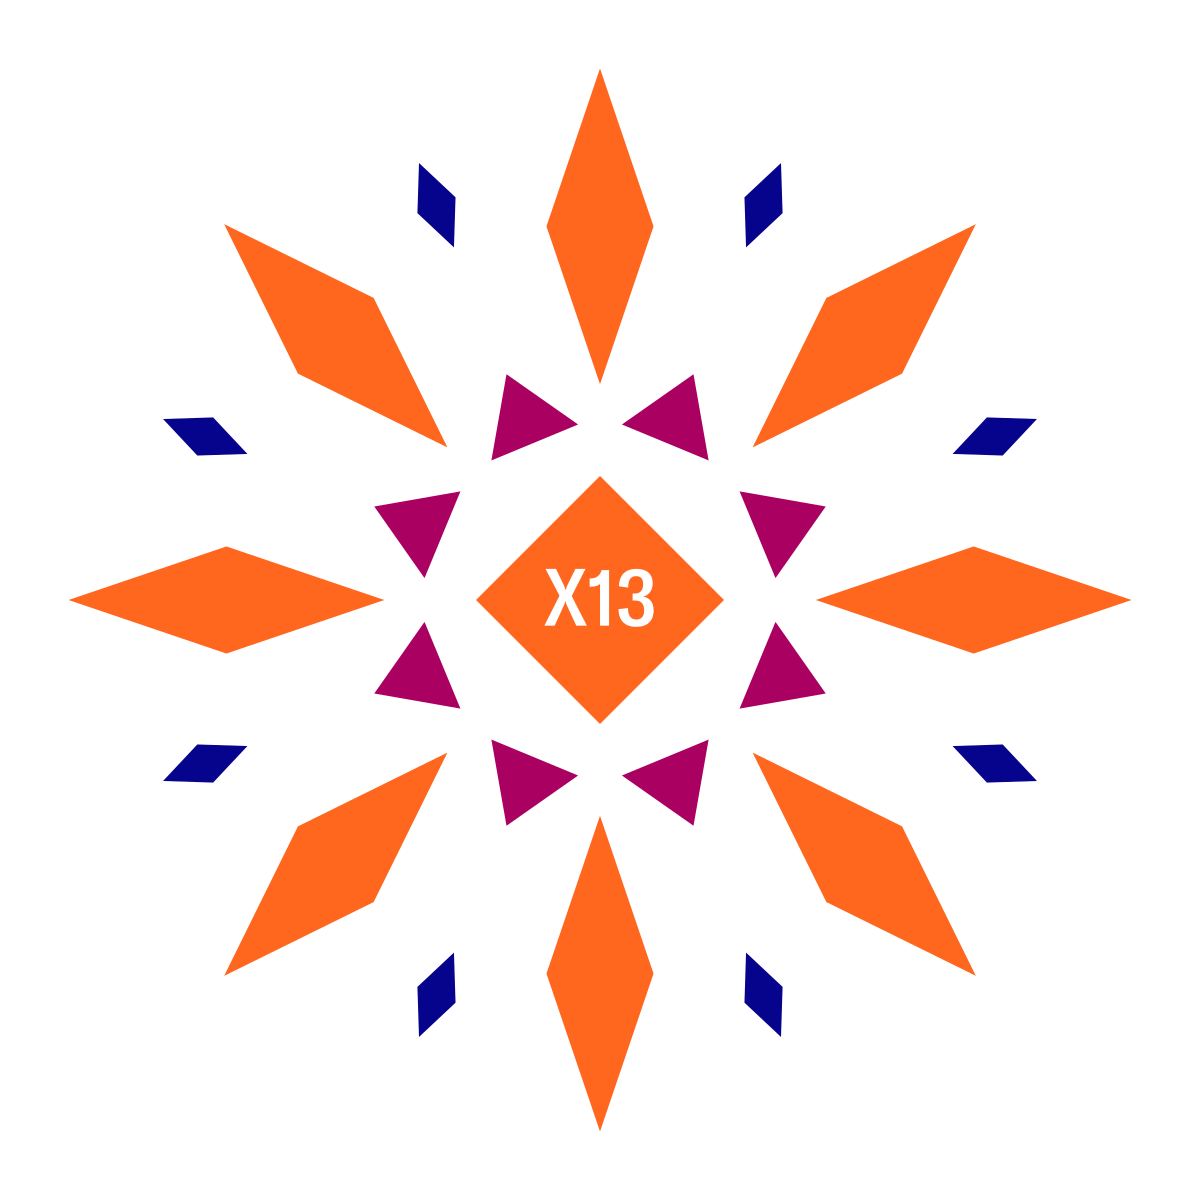 xogold13